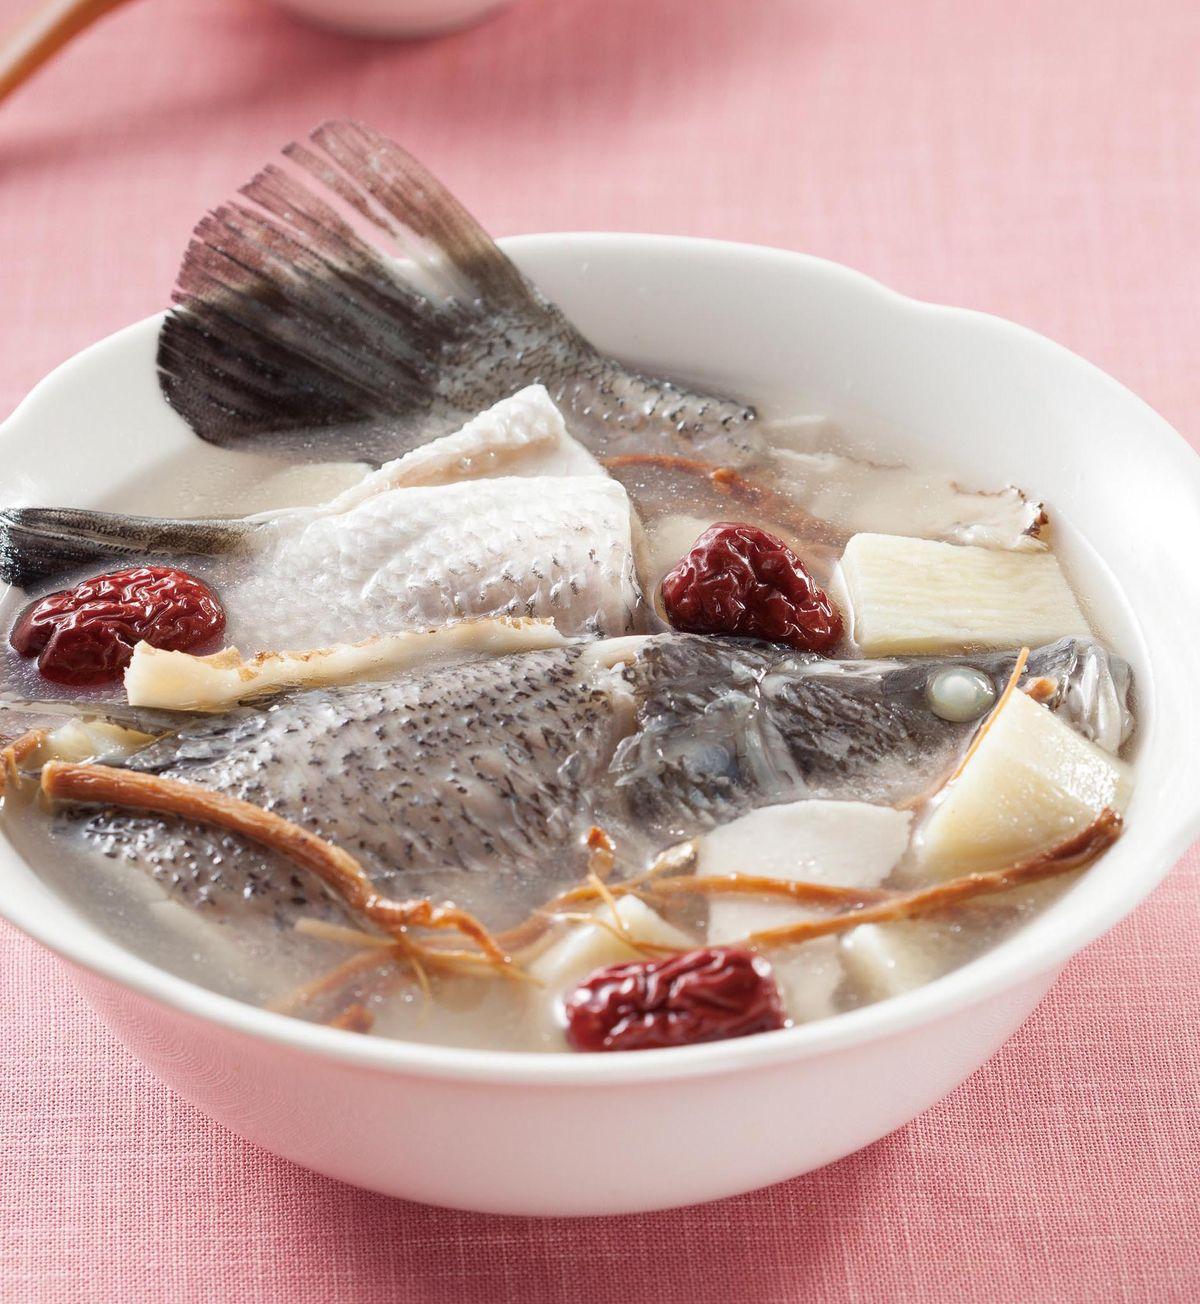 食譜:藥膳鱸魚湯